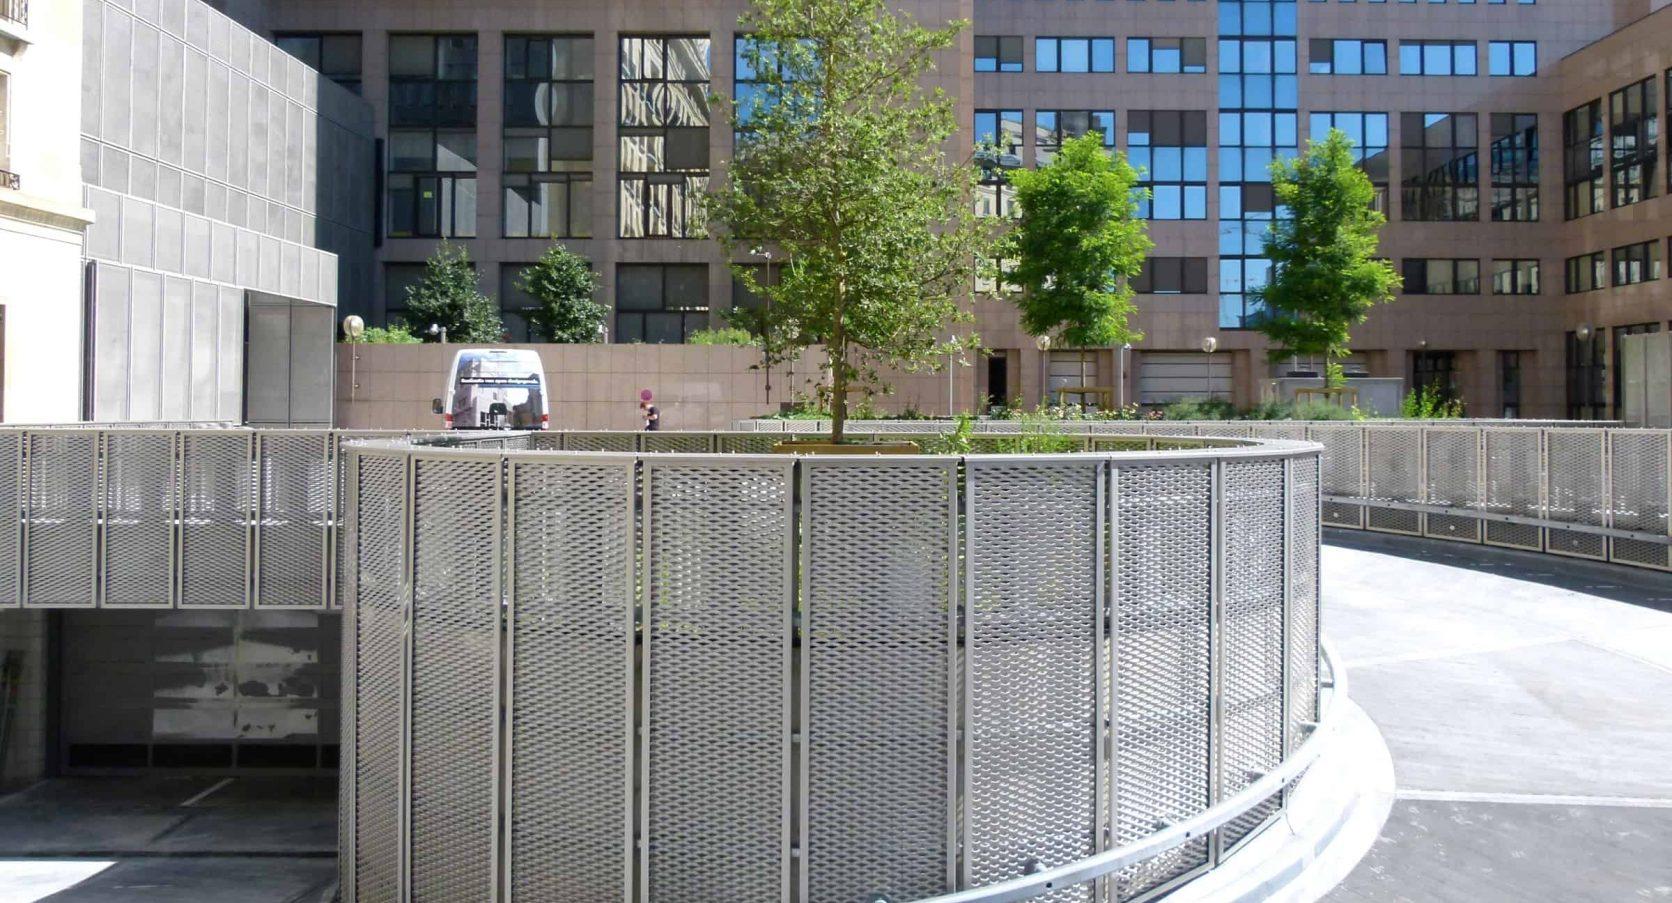 MD Strekmetaal verwerkt in de terreinafscheding bij het Residence Palace in Brussel te België